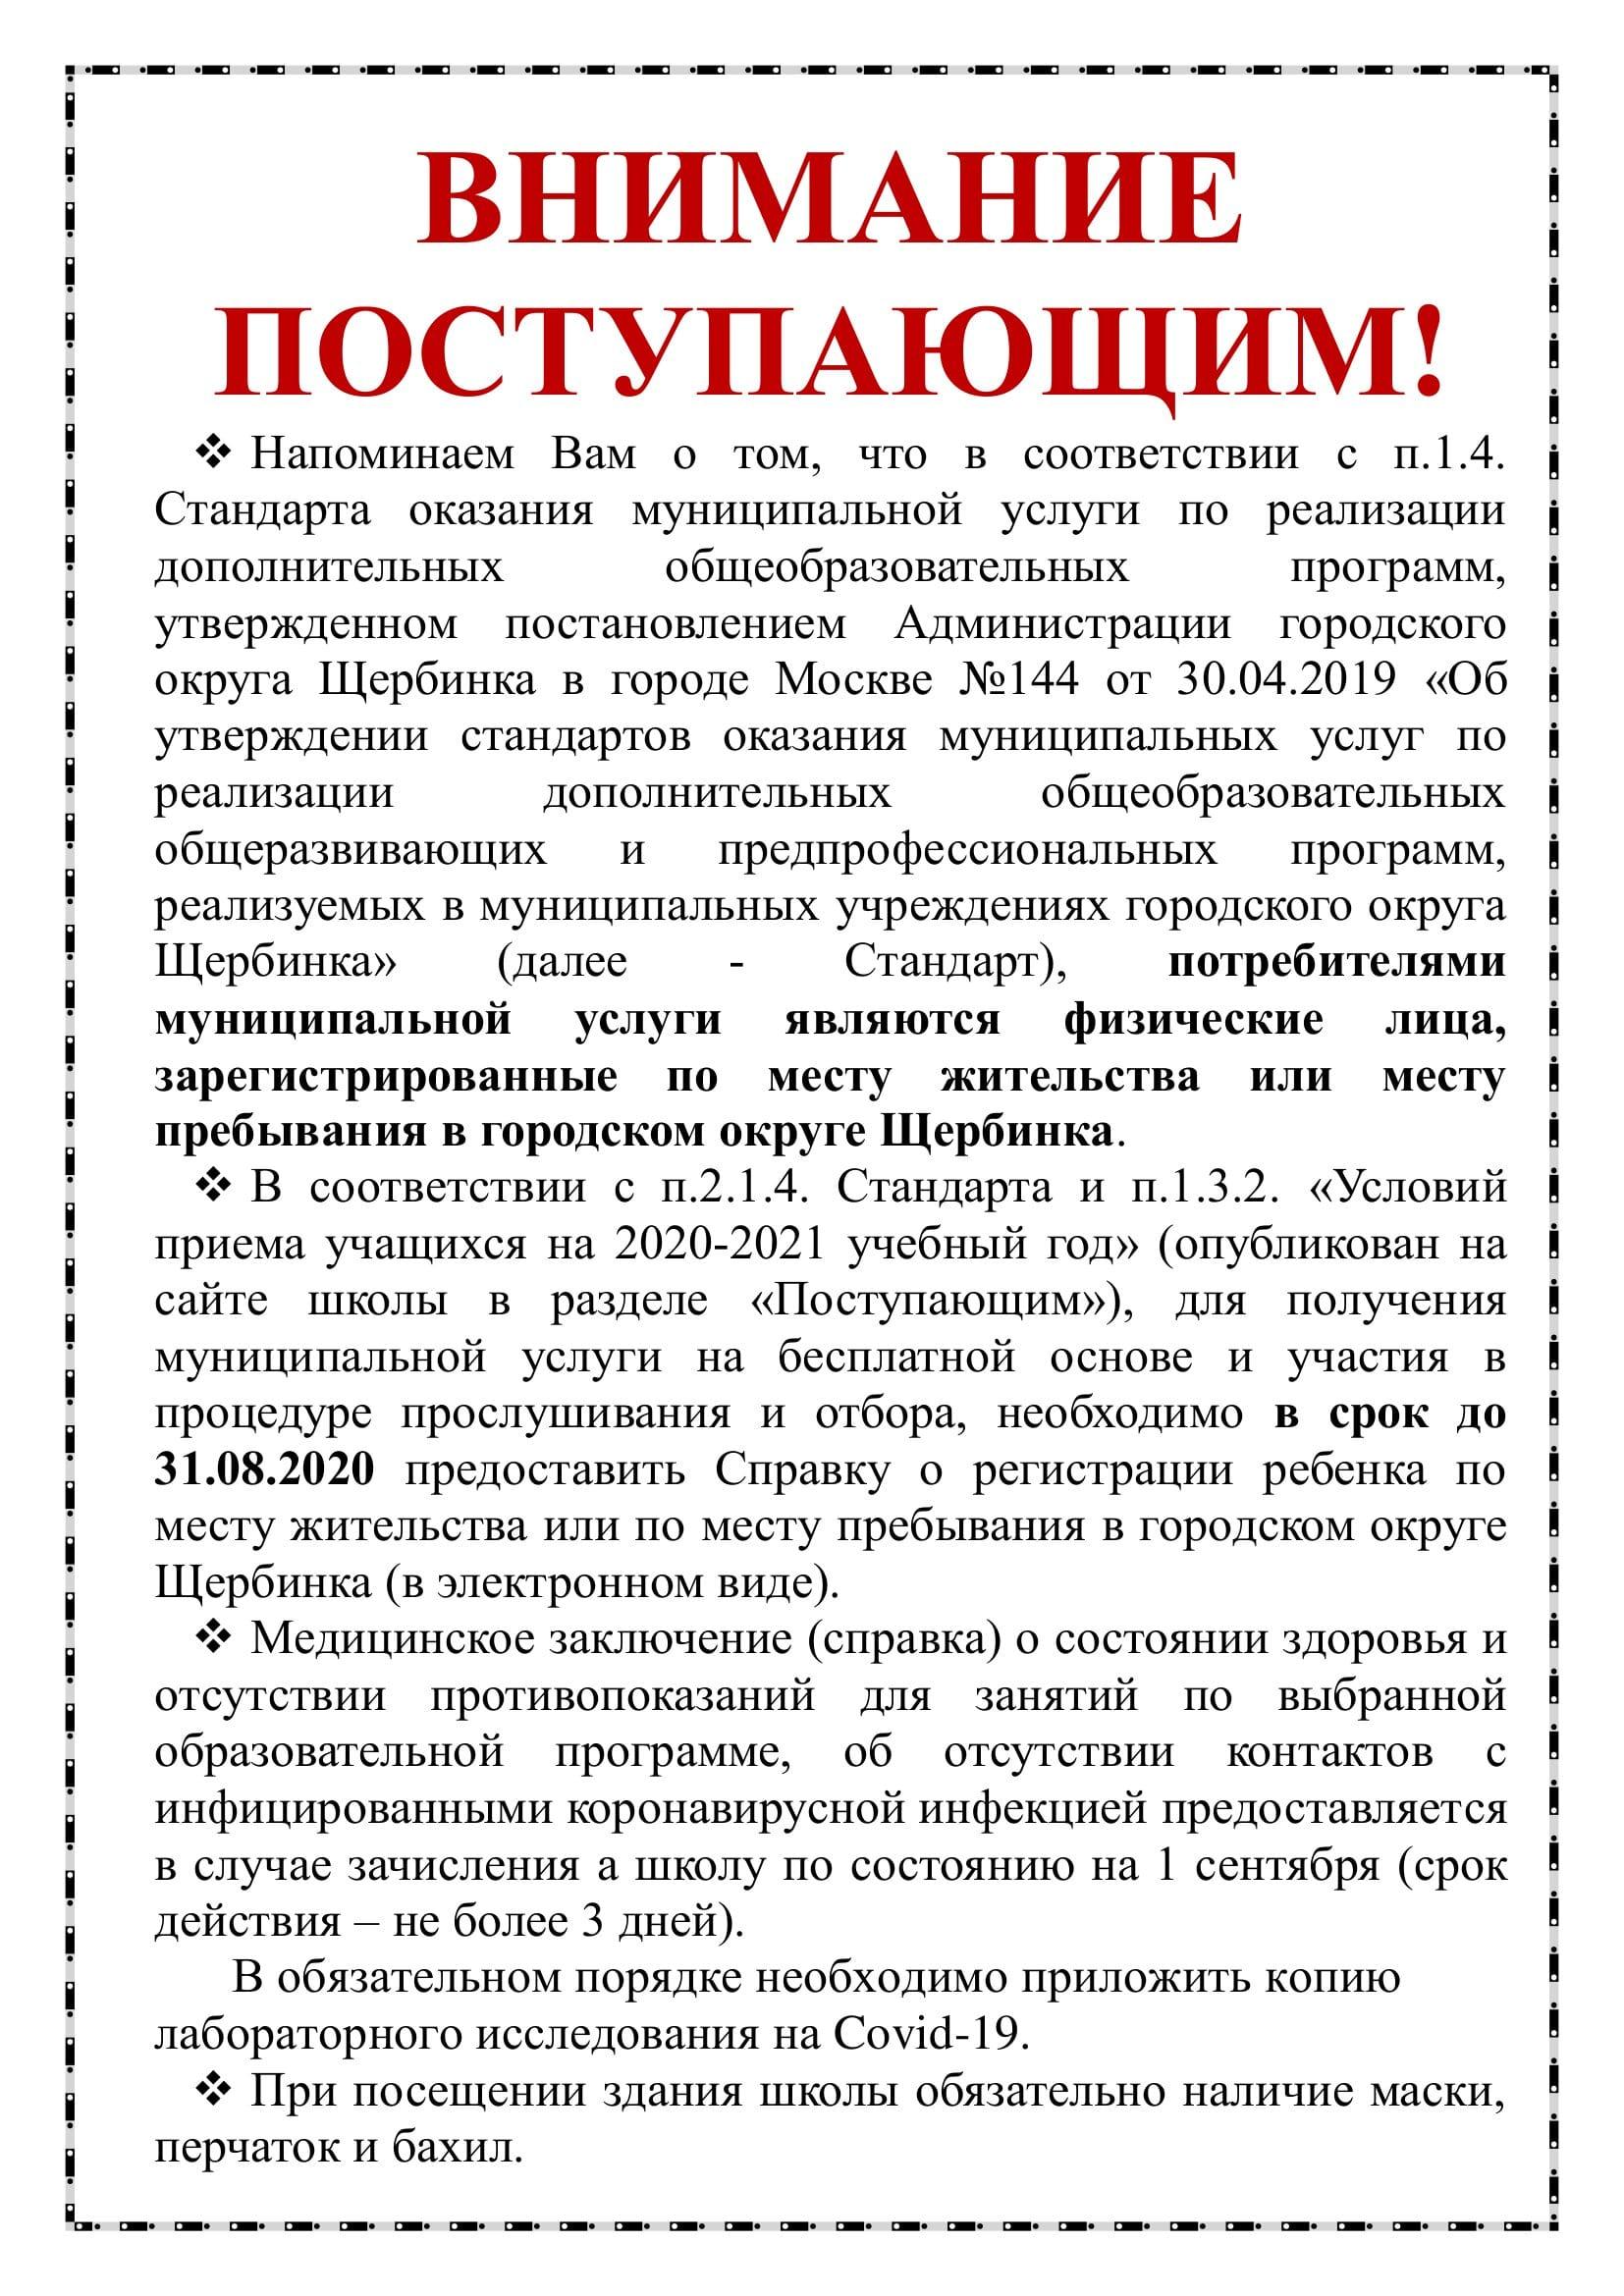 Объявл.о предост.спр.о рег.ро месту жит.03.08.280 (1)